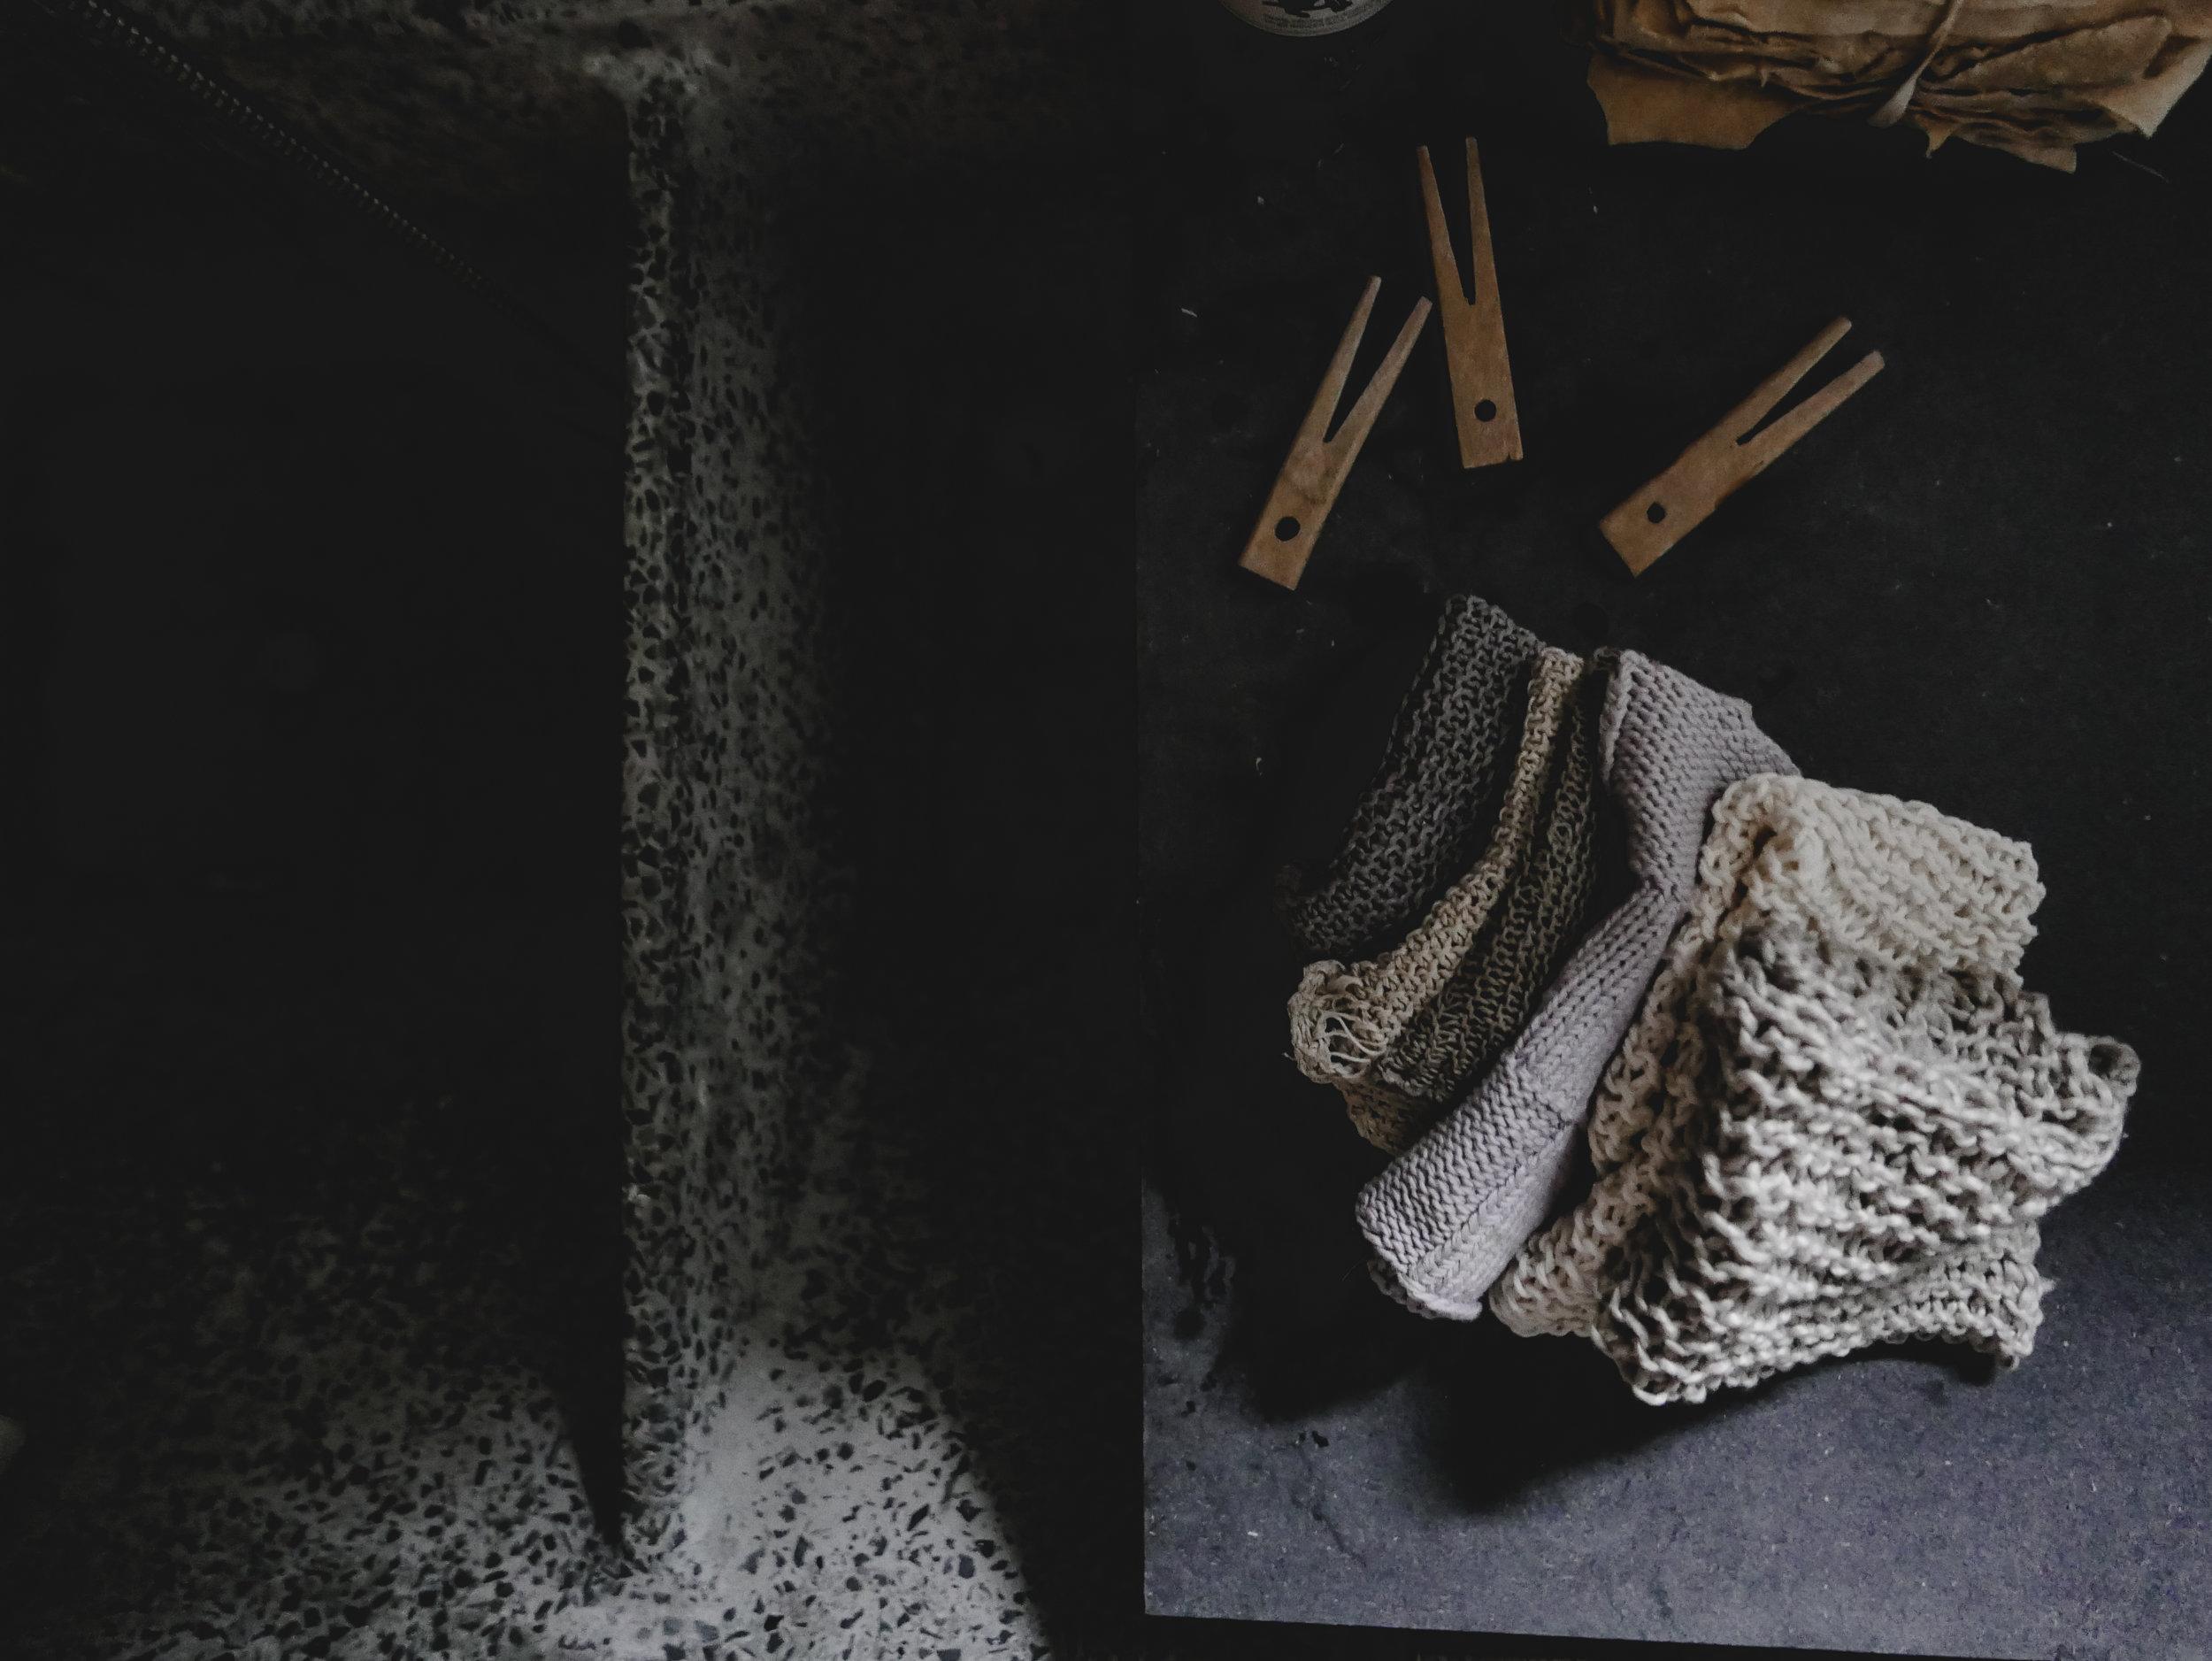 ØKOLOGISK BOMULL:Vaskekluter strikket i økologisk bomull suger opp skitt særdeles godt og ingen mikroplast helles ut med vaskevannet